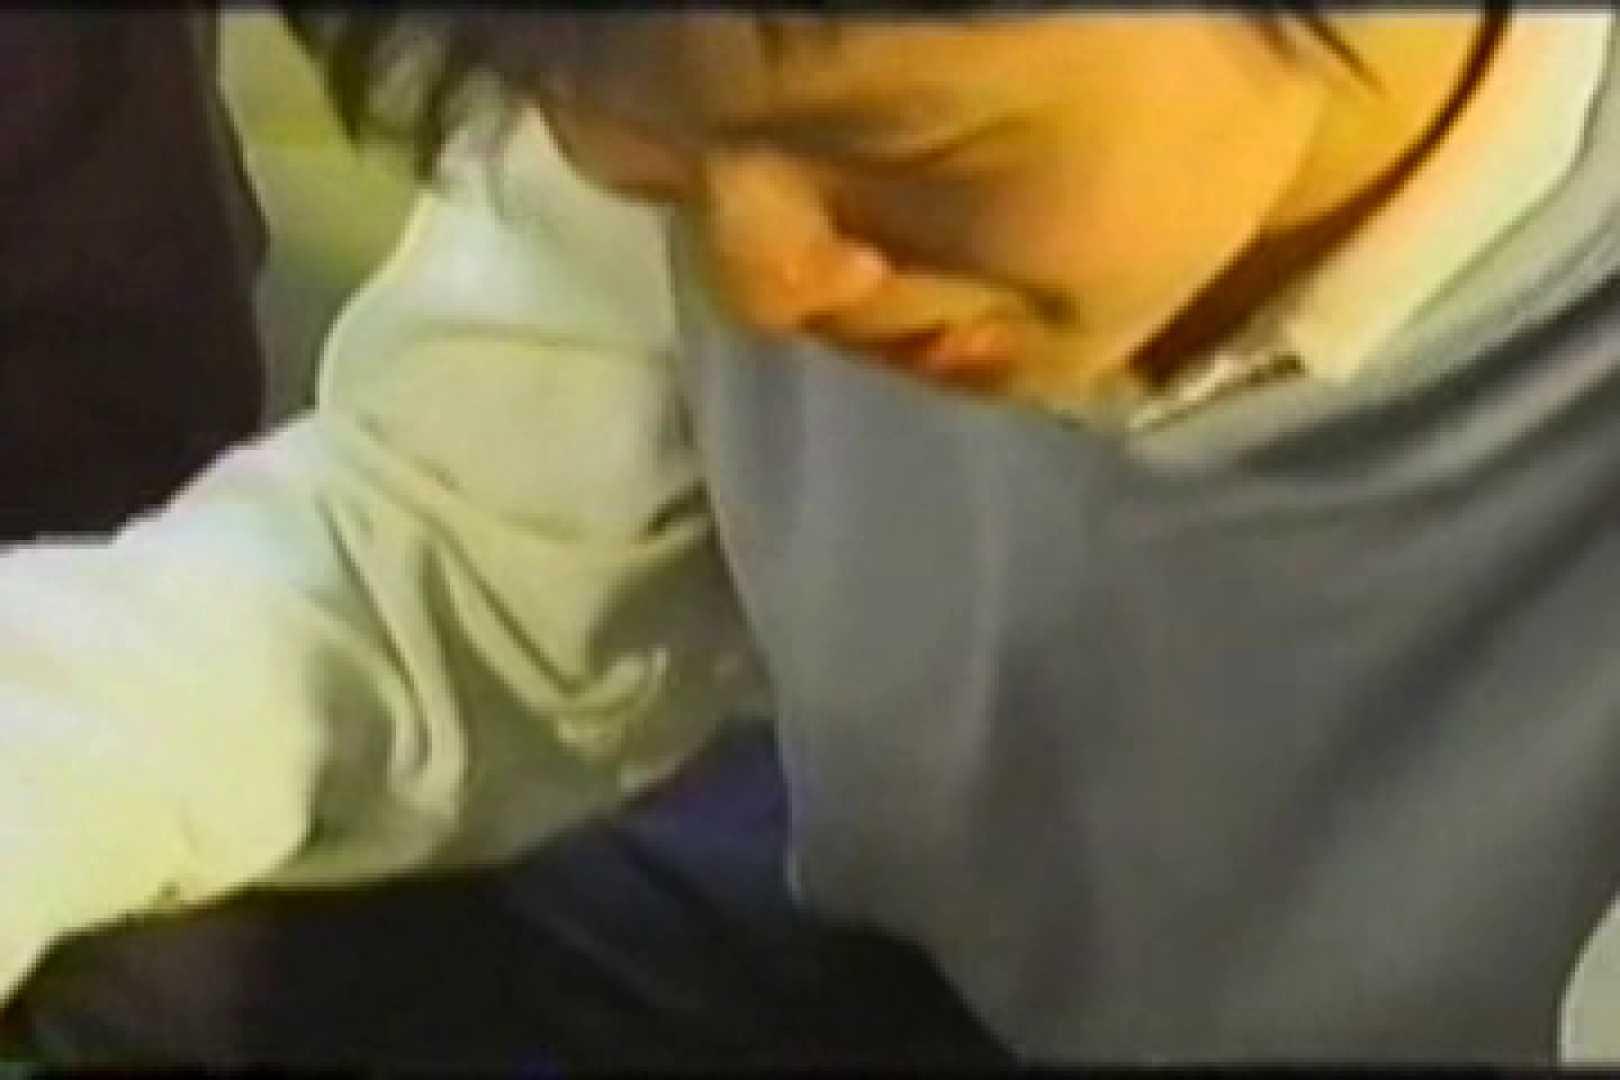 【流出】若者たちの集い 企画 ゲイ射精シーン 86画像 11